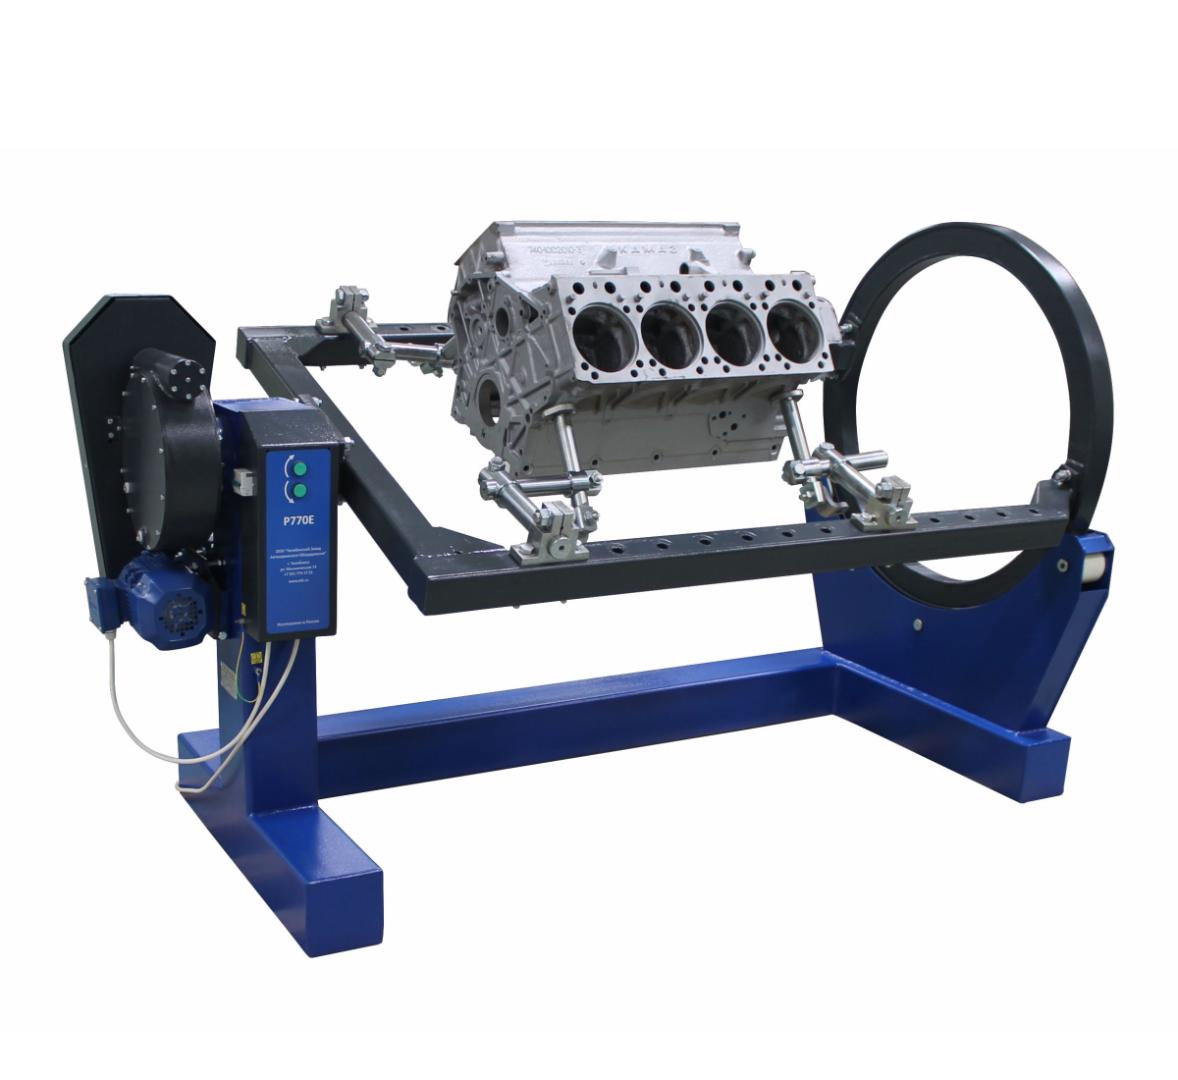 Стенд для сборки-разборки двигателя Р776Е 3000кг